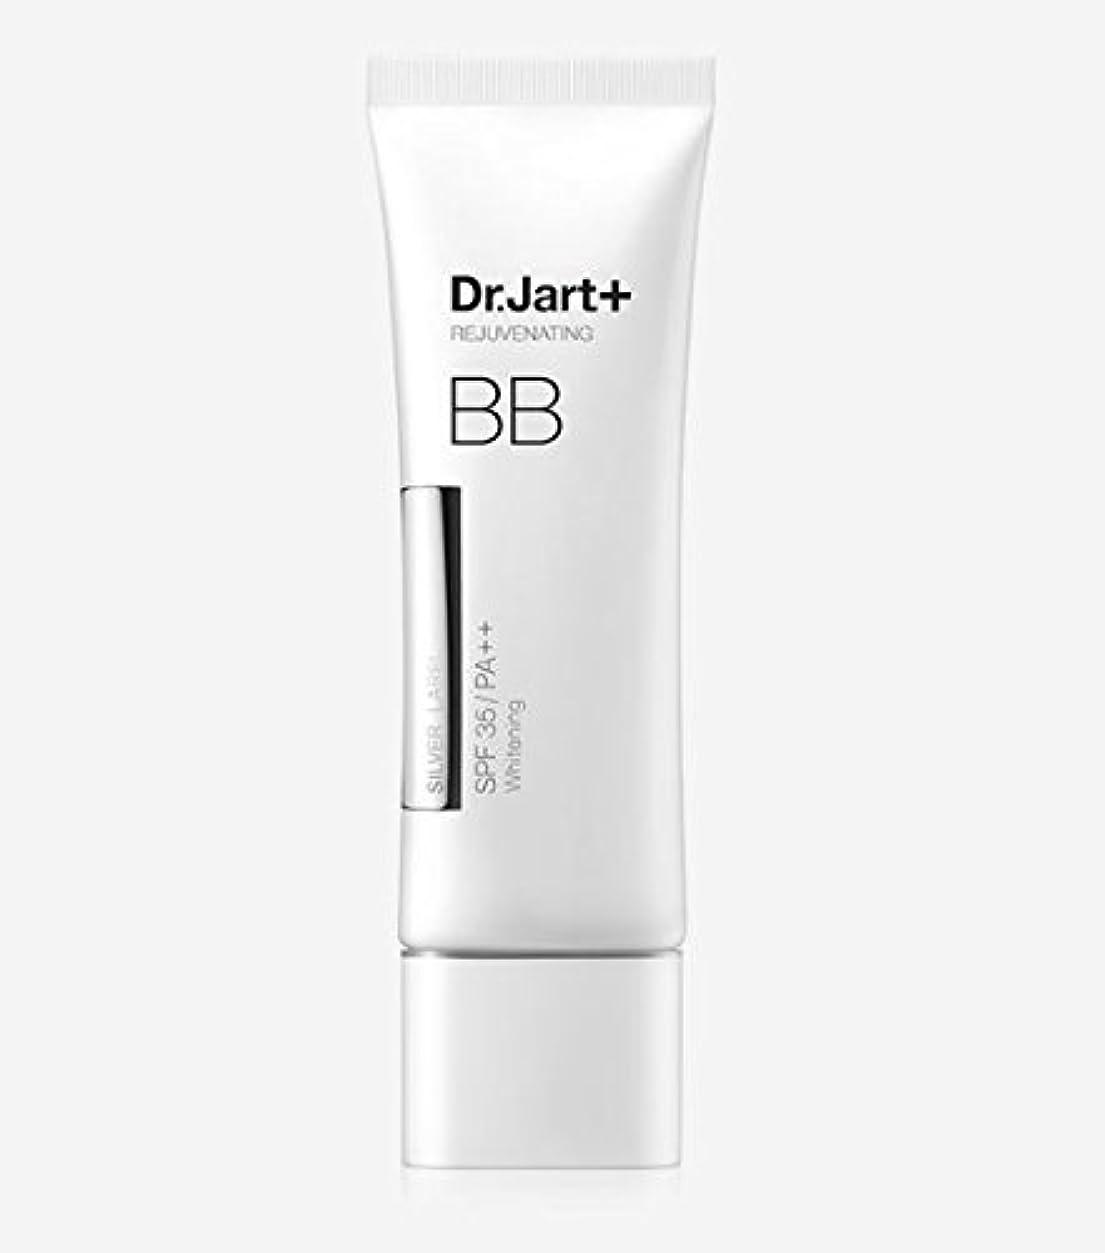 負荷透ける観察[Dr. Jart] Silver Label BB Rejuvenating Beauty Balm 50ml SPF35 PA++/[ドクタージャルト] シルバーラベル BB リジュビネイティング ビューティー バーム...